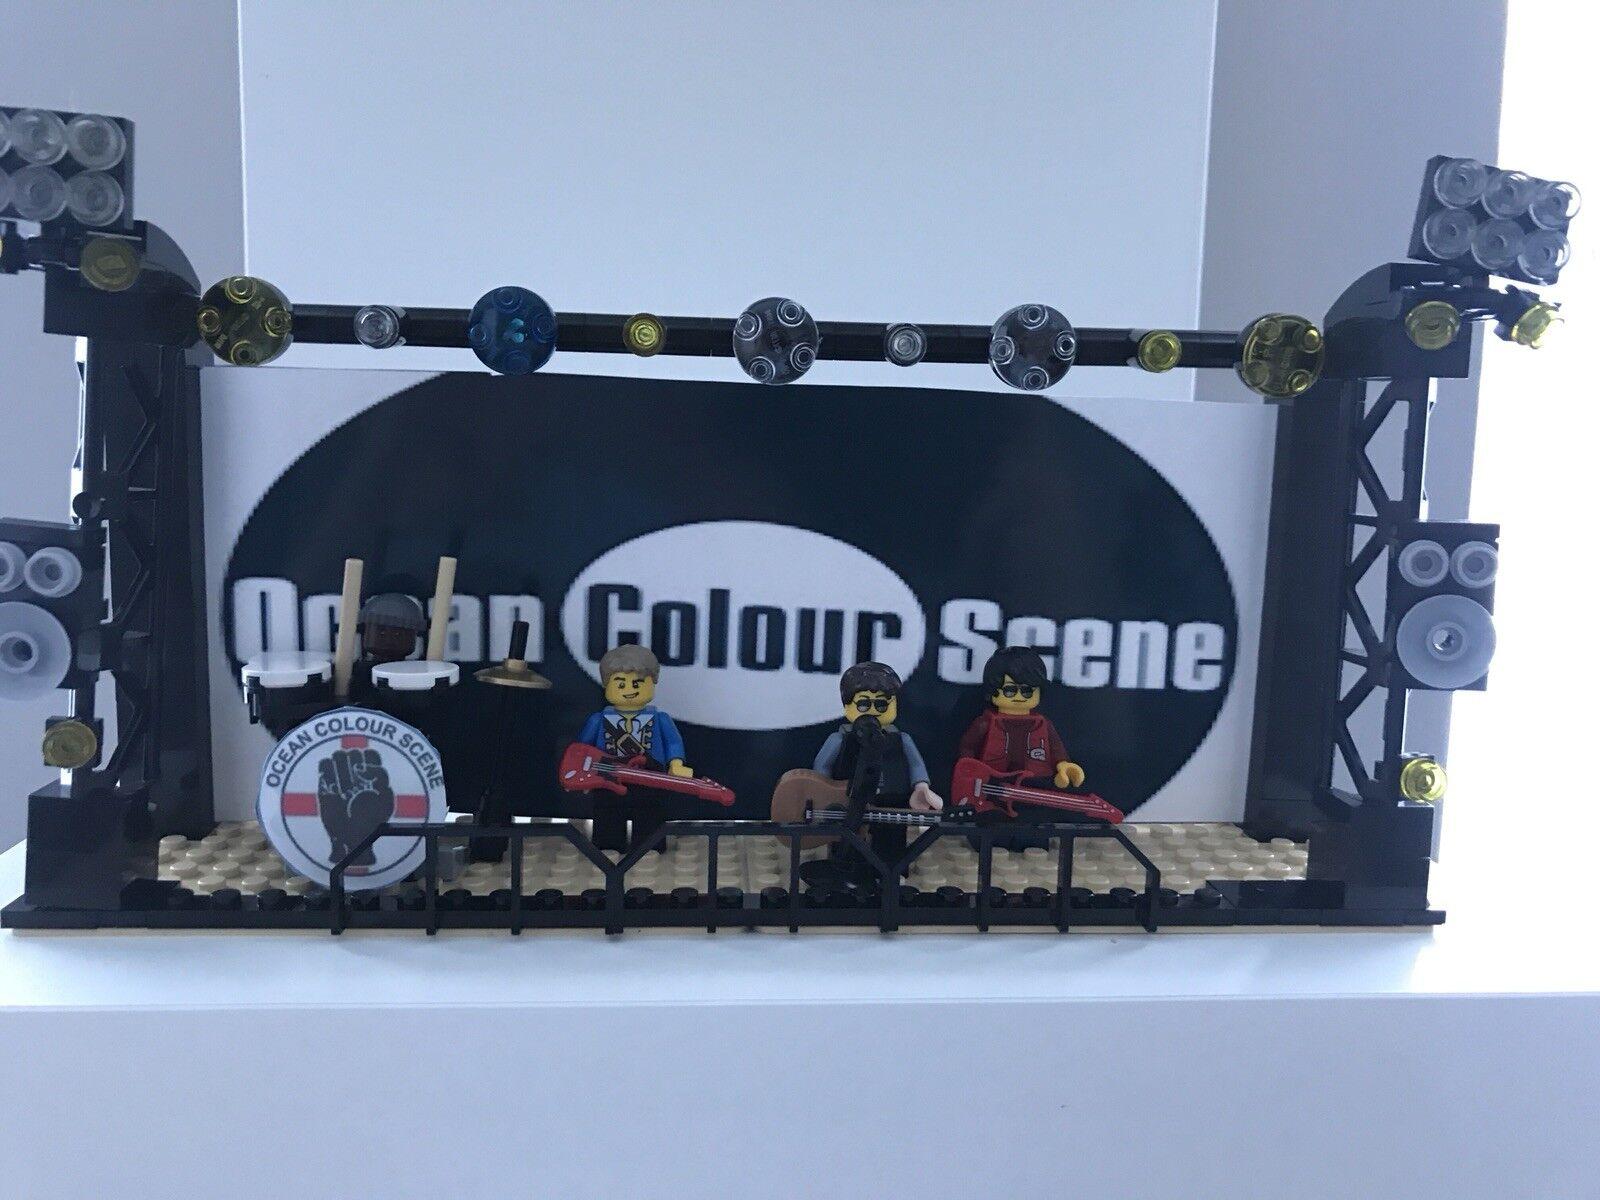 Ocean Colour scene OCS Lego Minifigures e Stadio, regalo di compleanno perfetto MODS